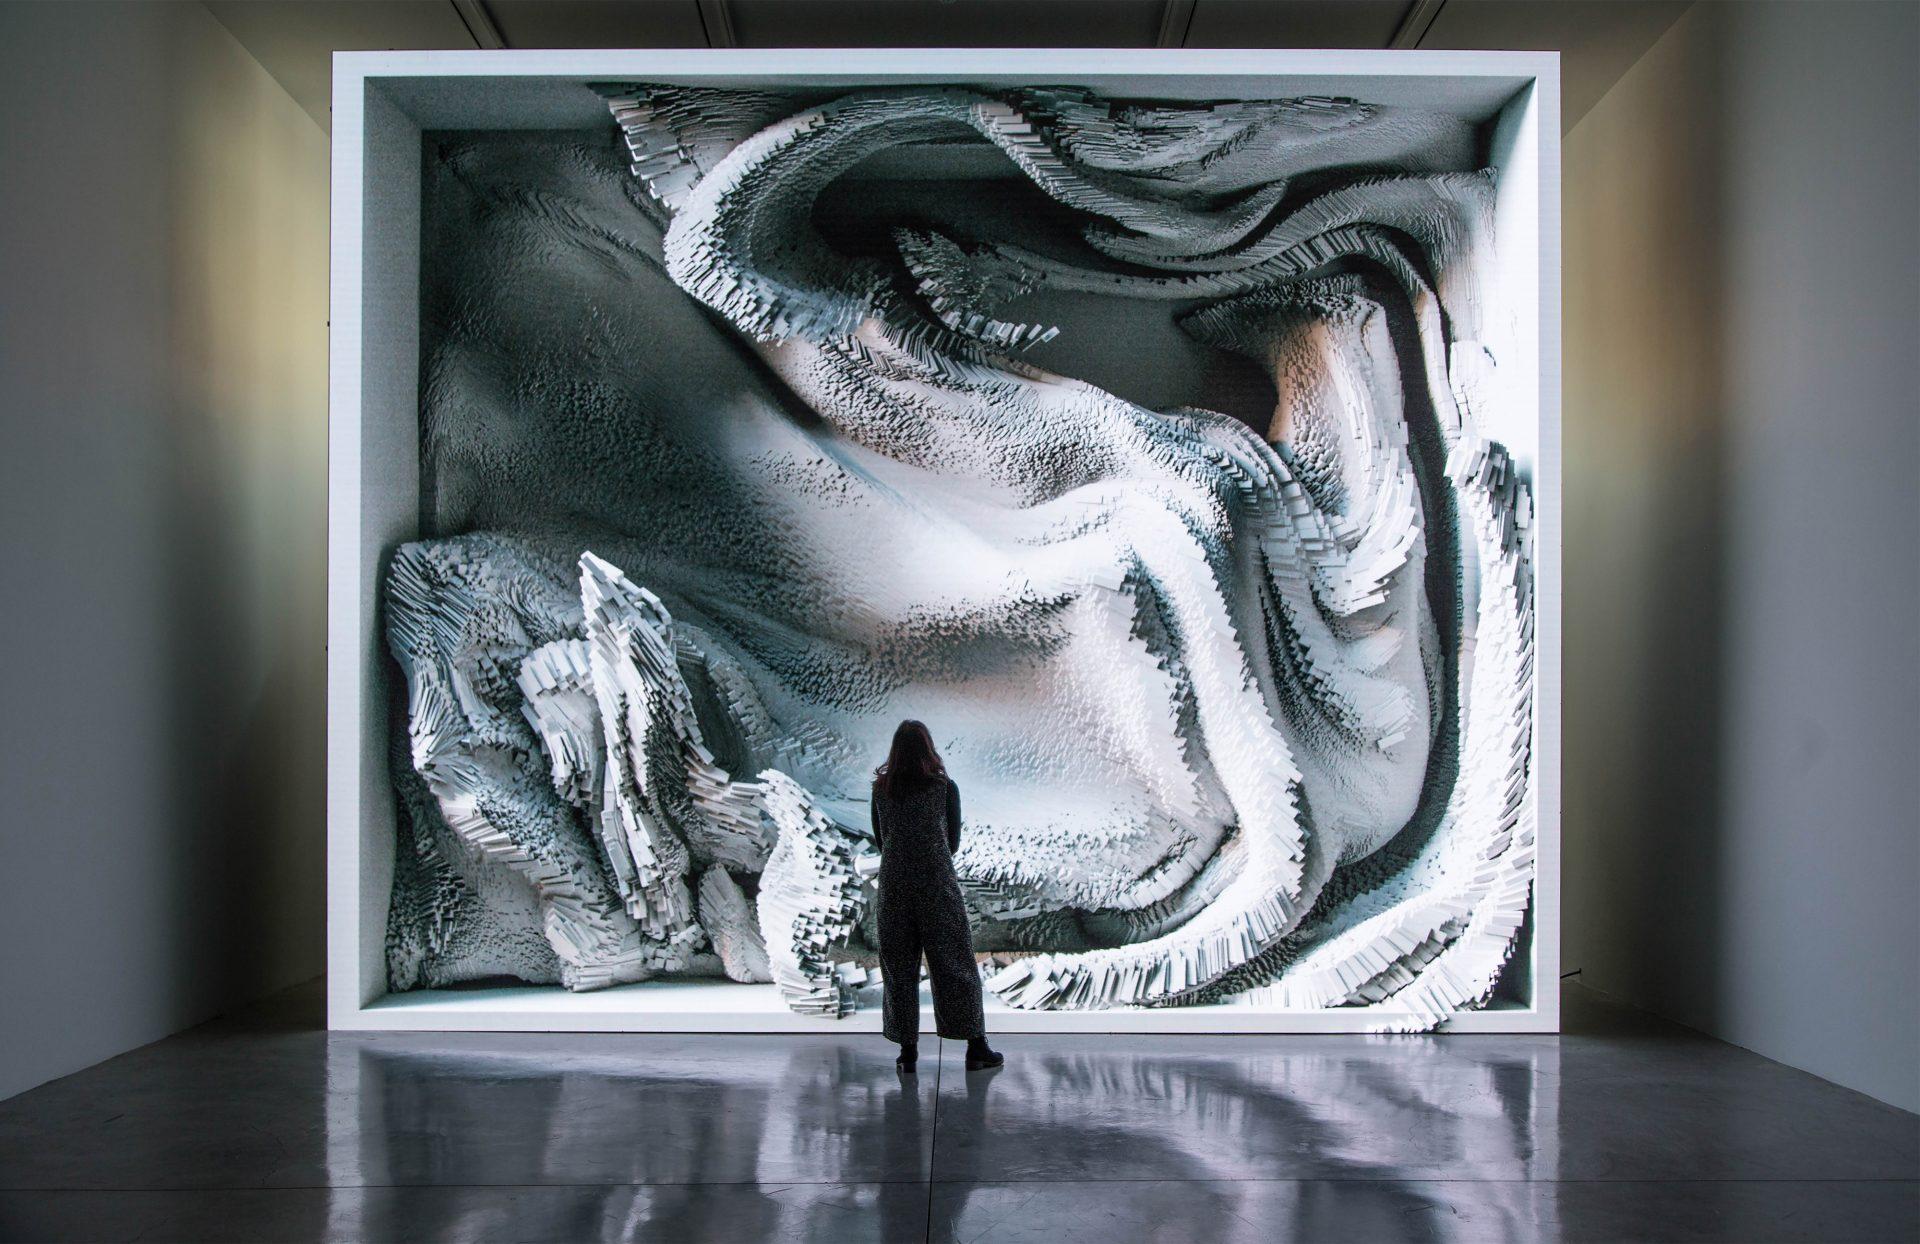 Re.memory. Refik Anadol og Sougwen Chung. Utstilling på Sørlandets Kunstmuseum 2020. Digital kunst. kunstig intelligens